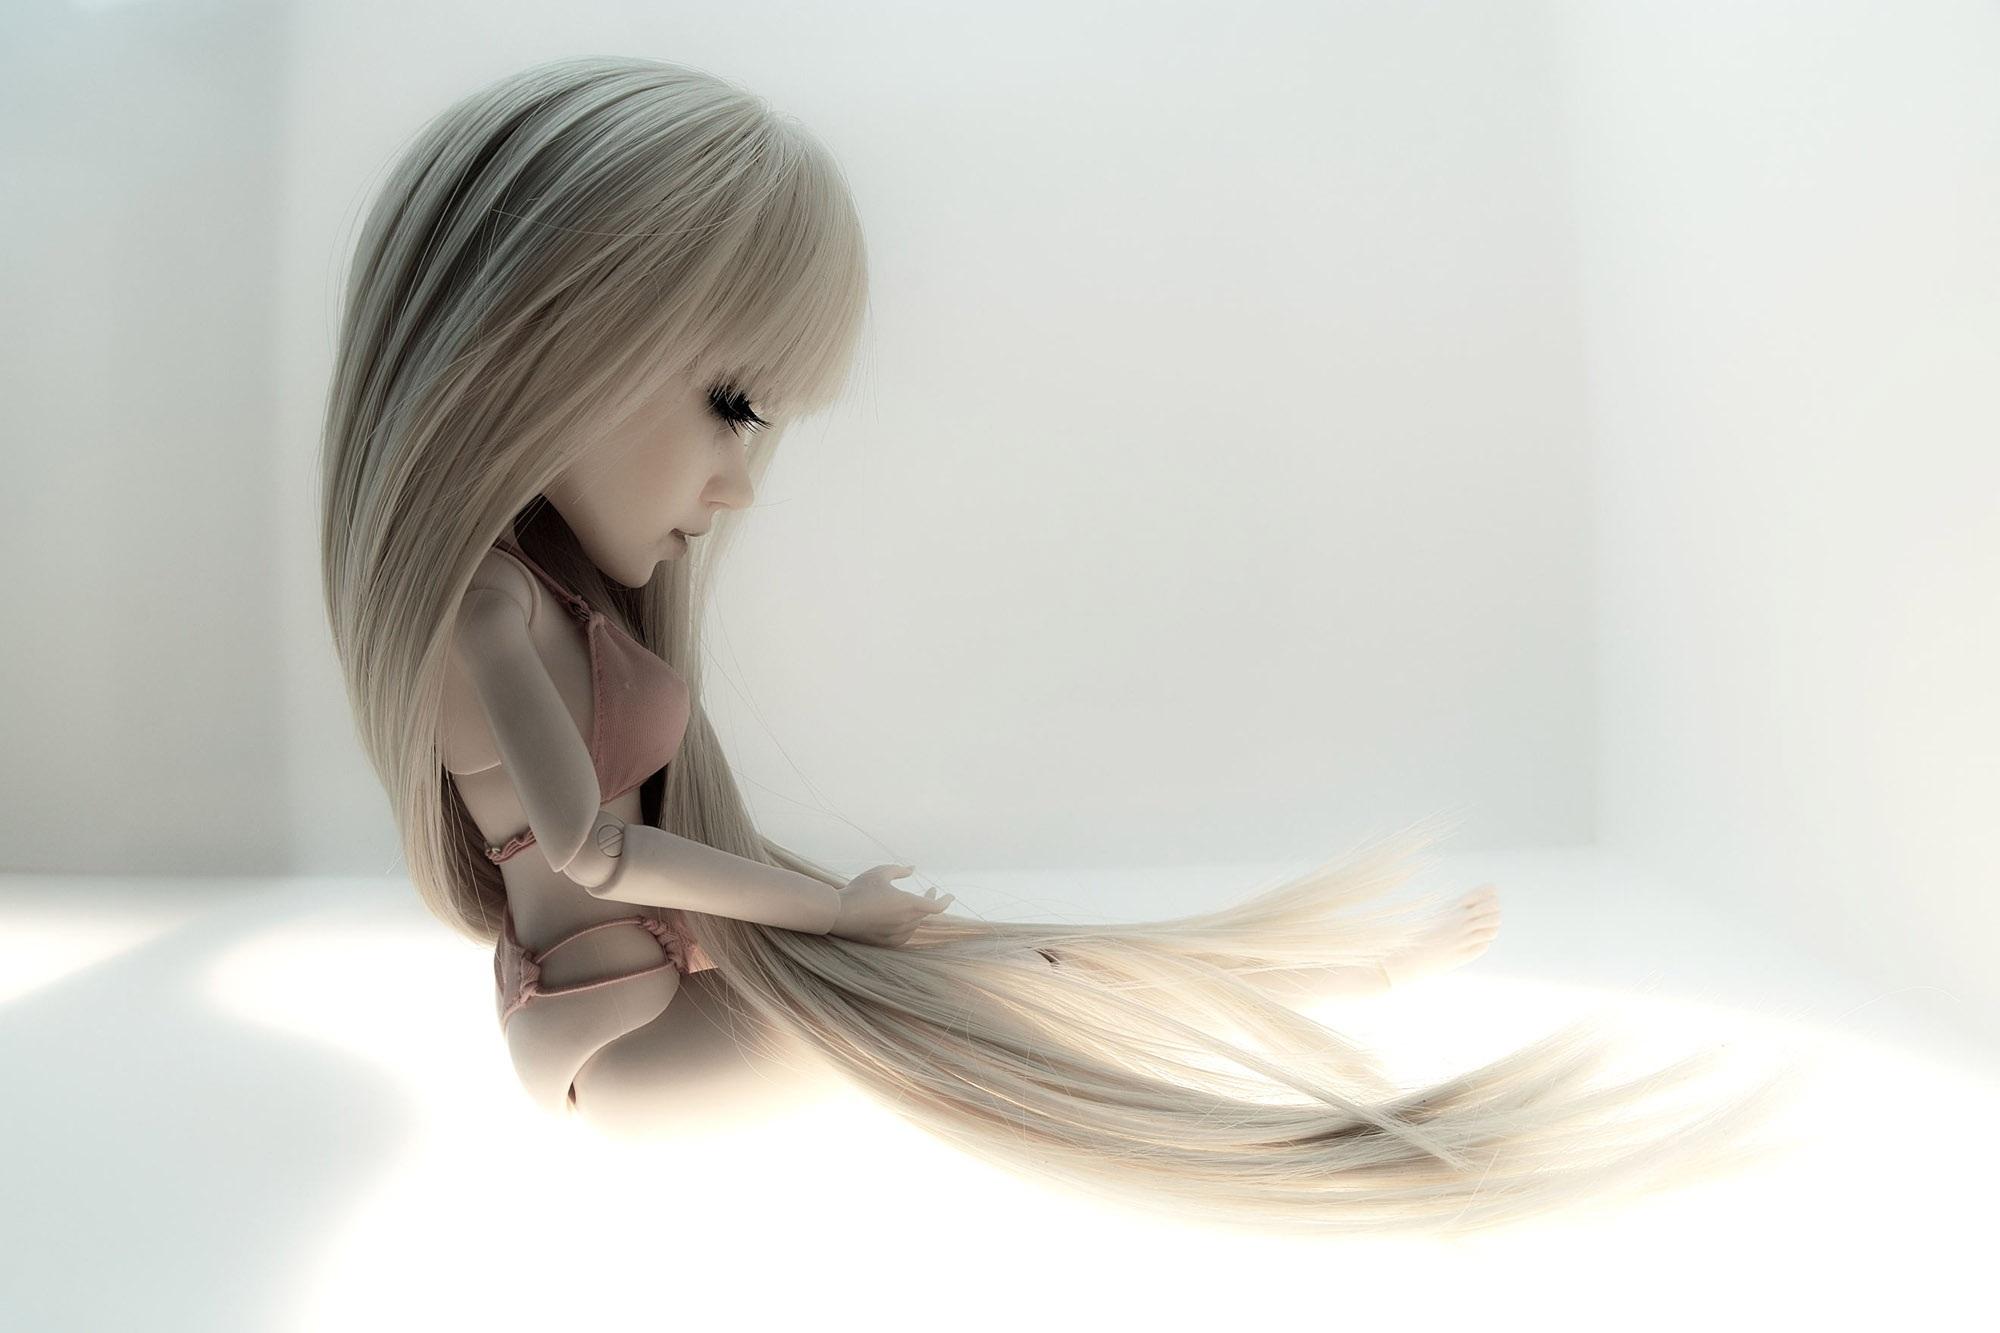 pelo largo erótico sexy